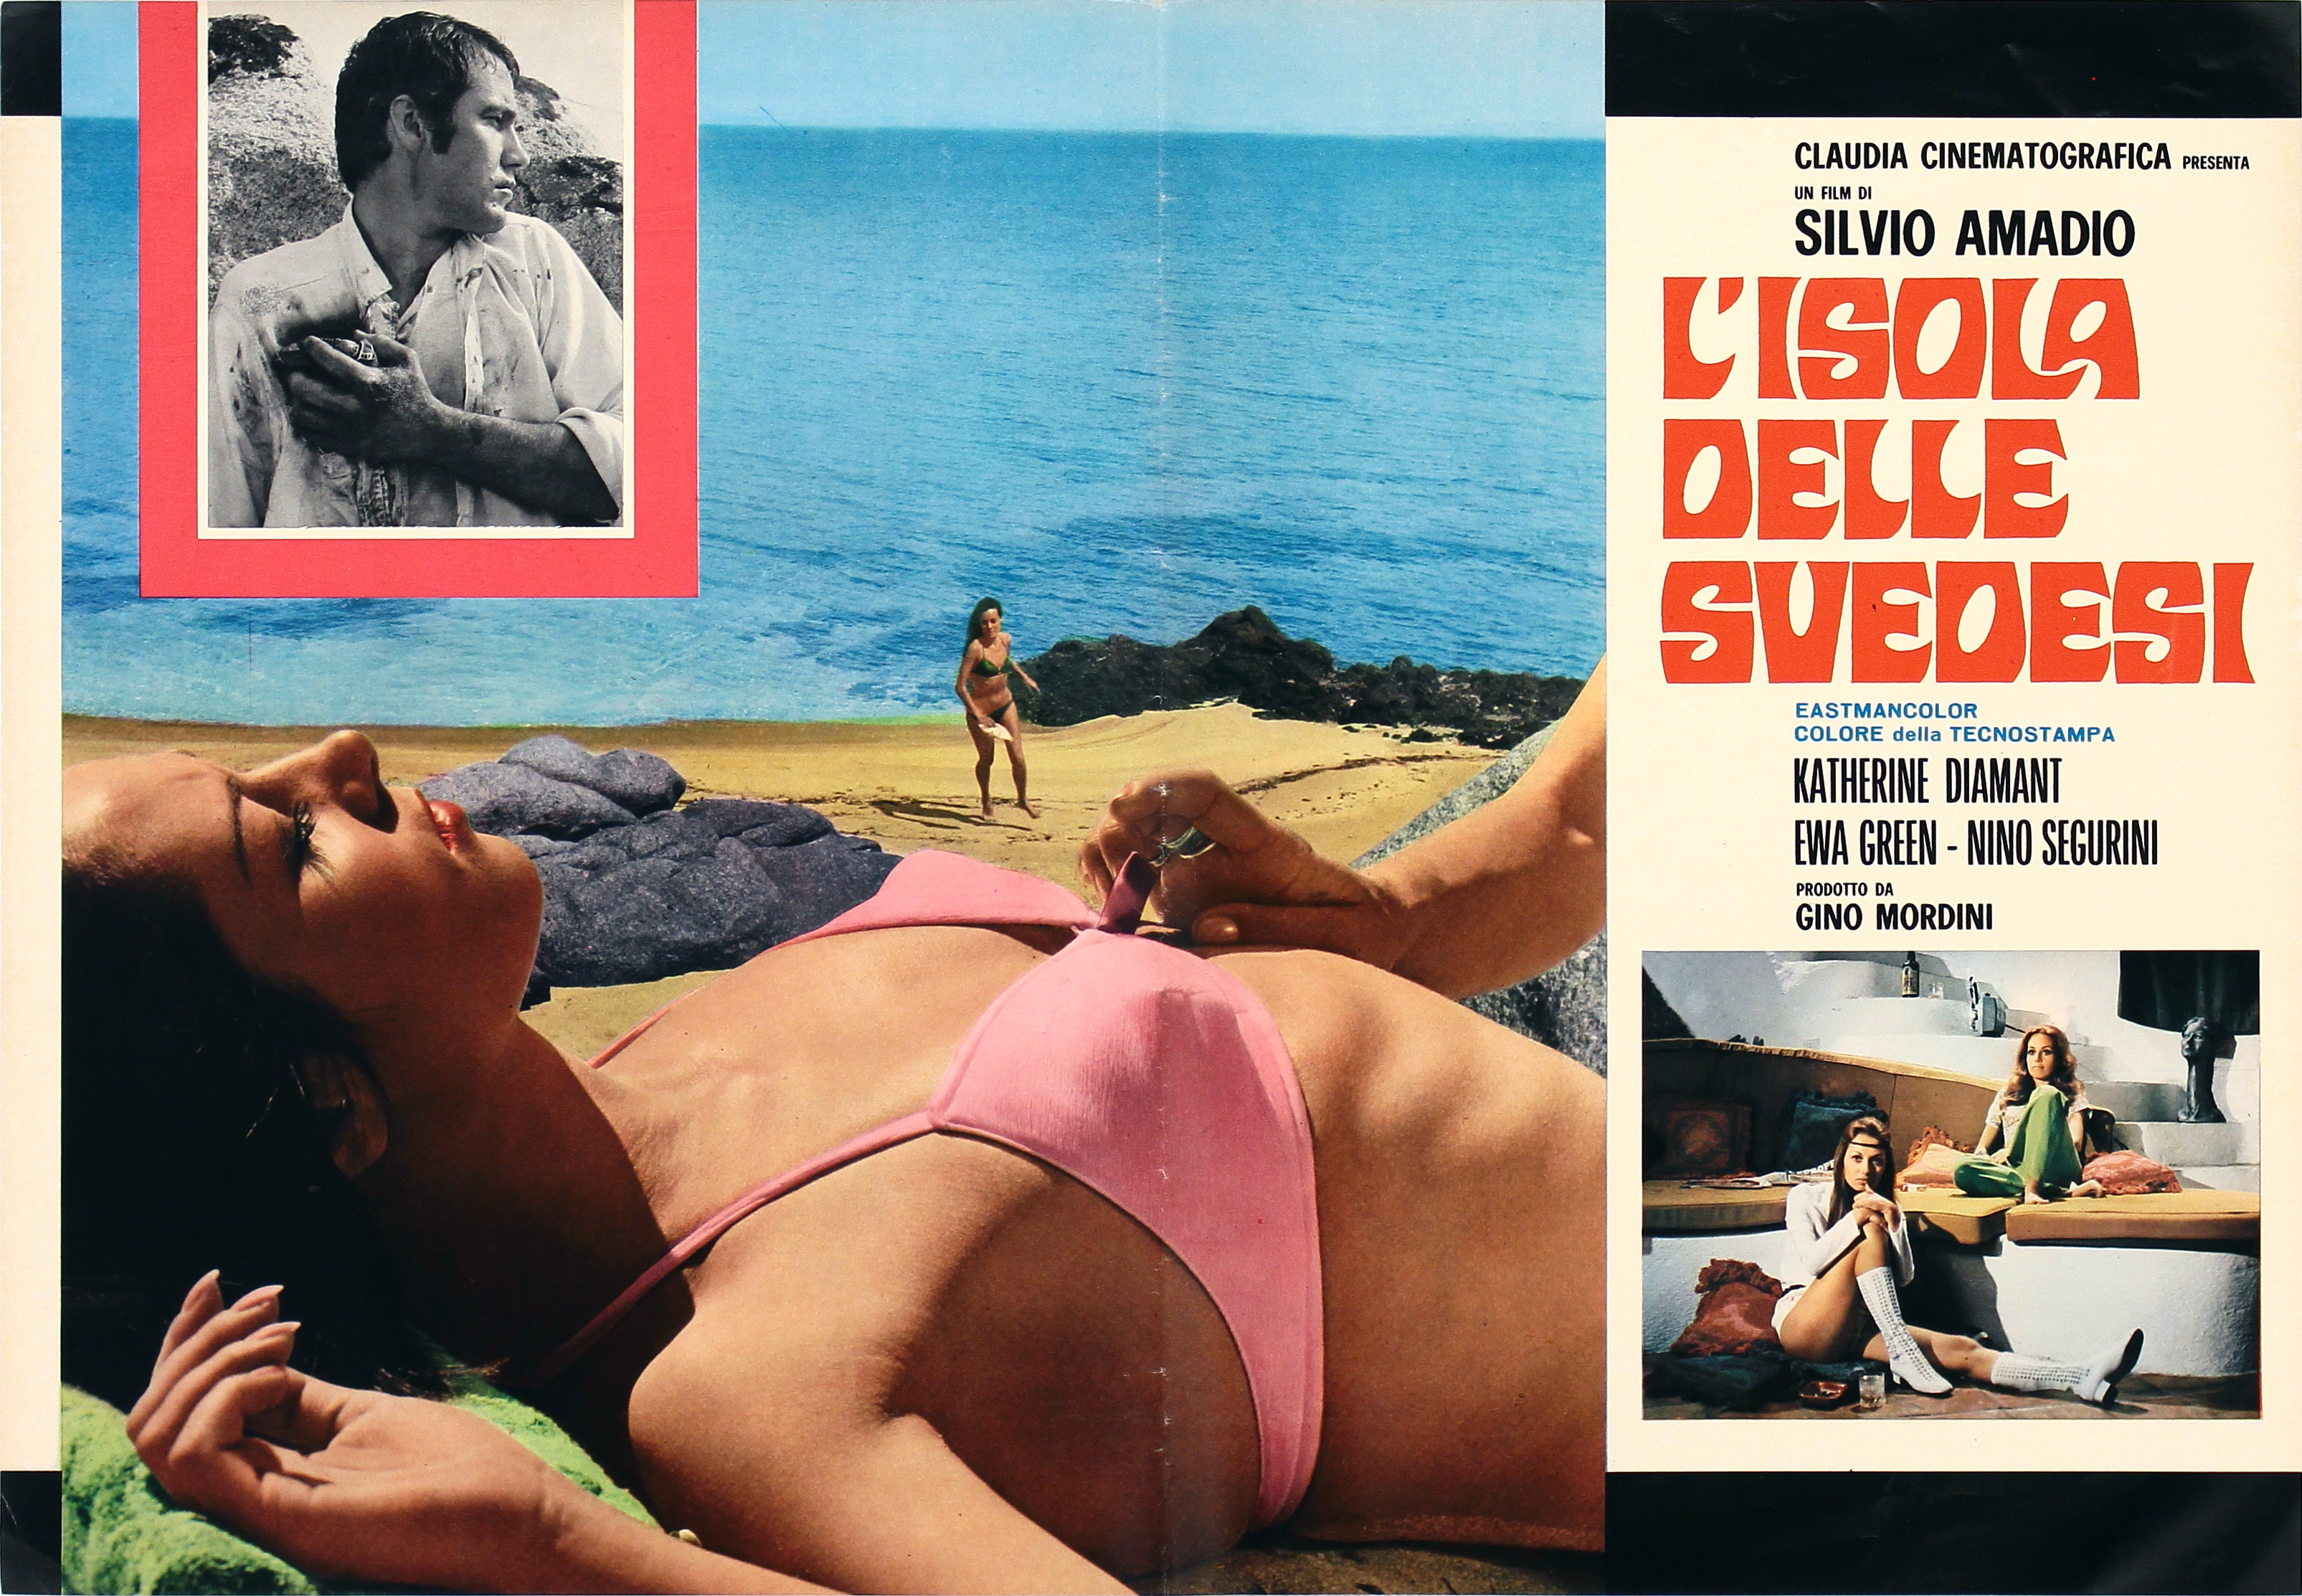 L'isola delle svedesi (1969)